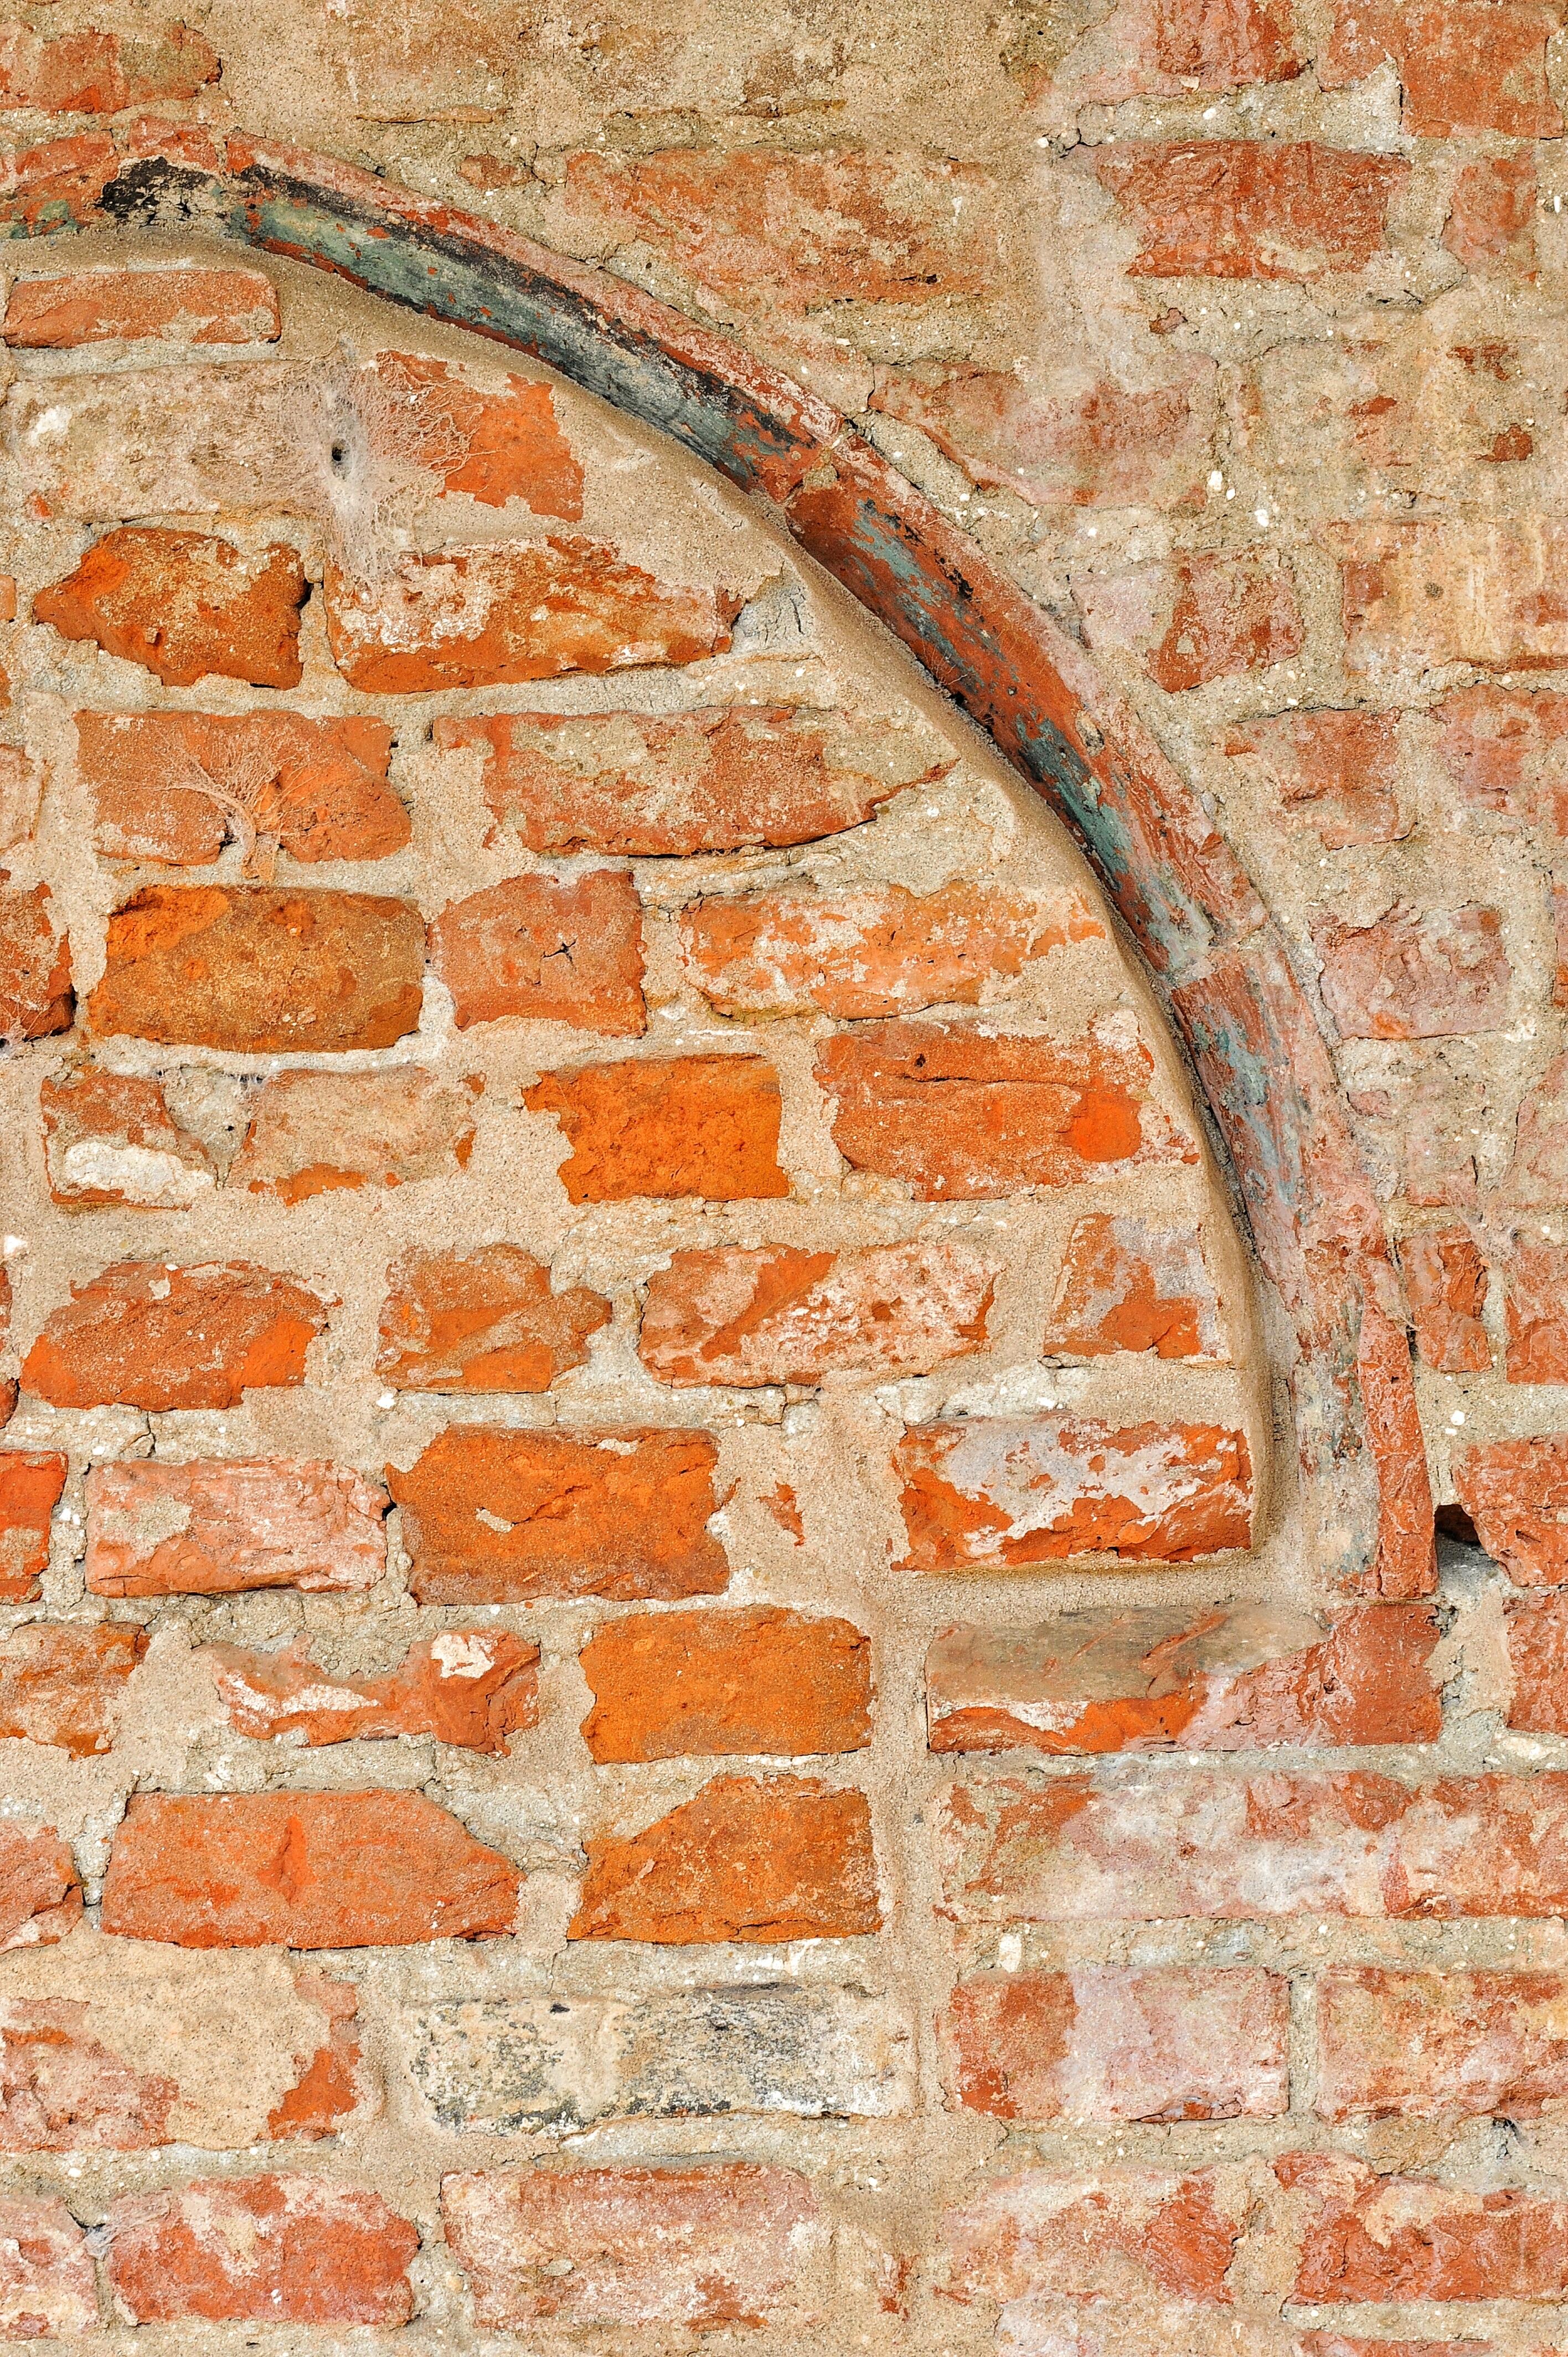 Roche Texture Bâtiment Mur Cambre Ancien Peindre Mur De Pierre Brique  Matériel Briques Brique Plâtre Sculpture